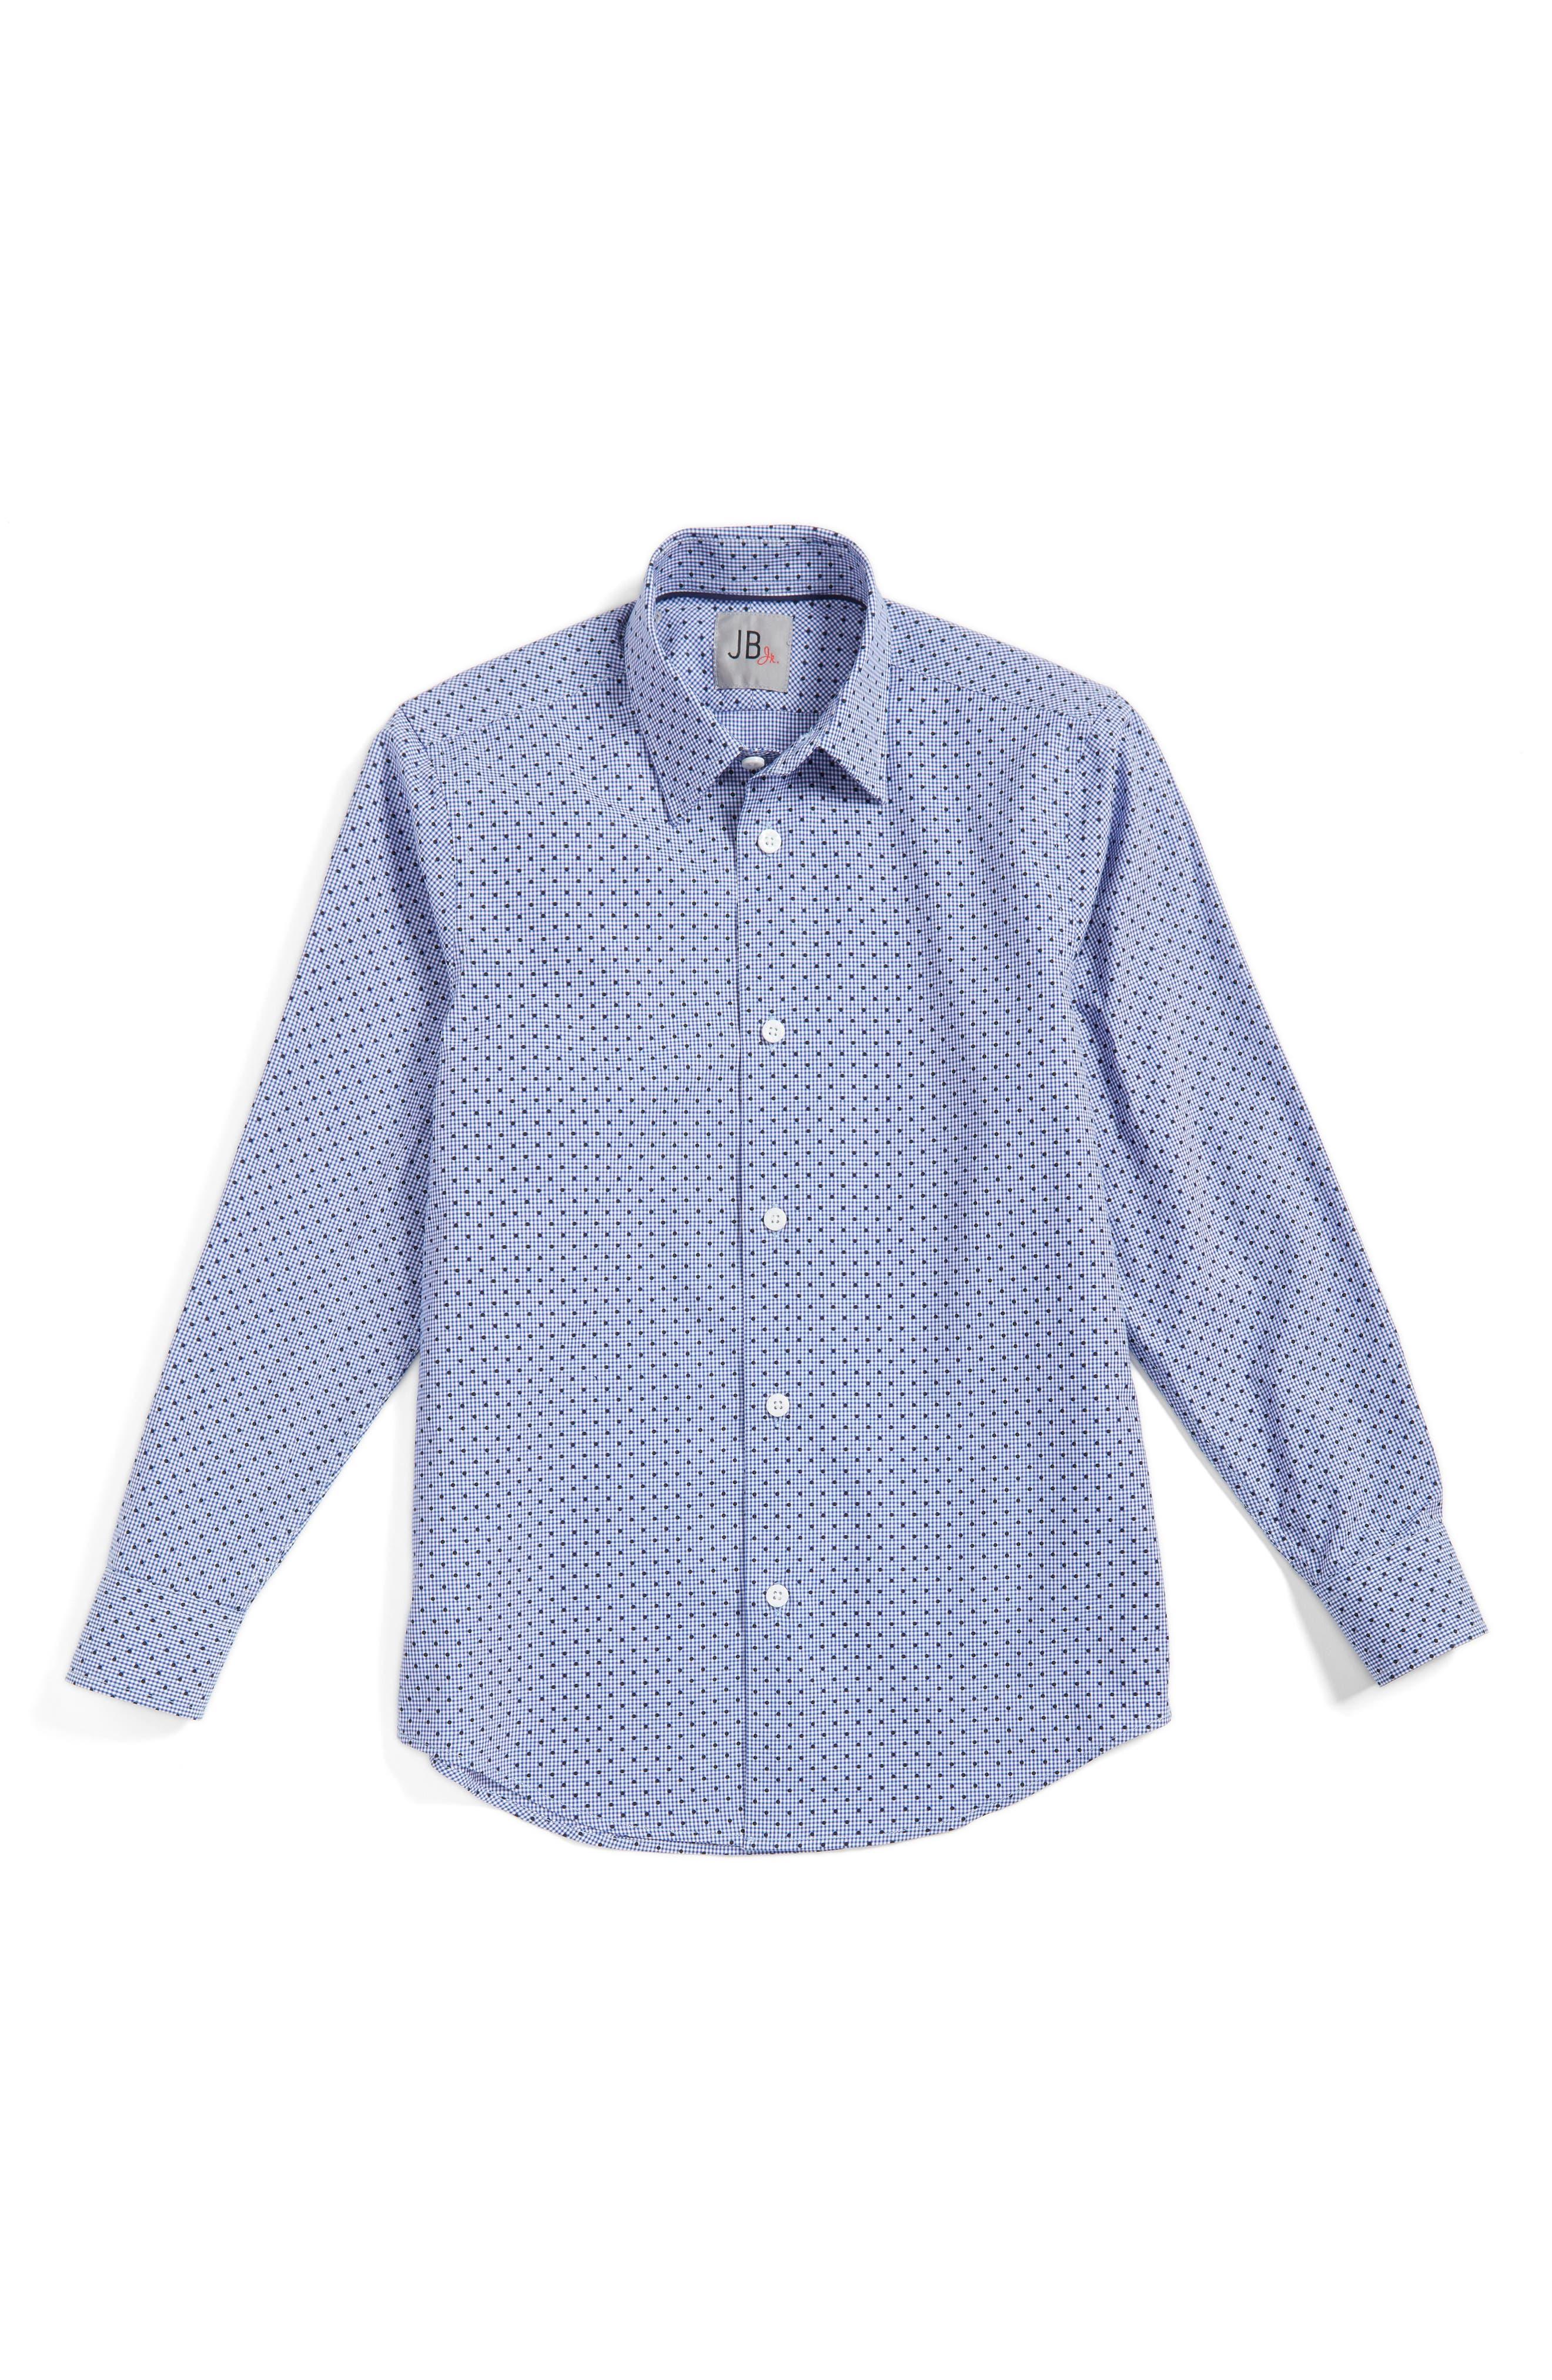 JB Jr Dot Gingham Dress Shirt (Big Boys)